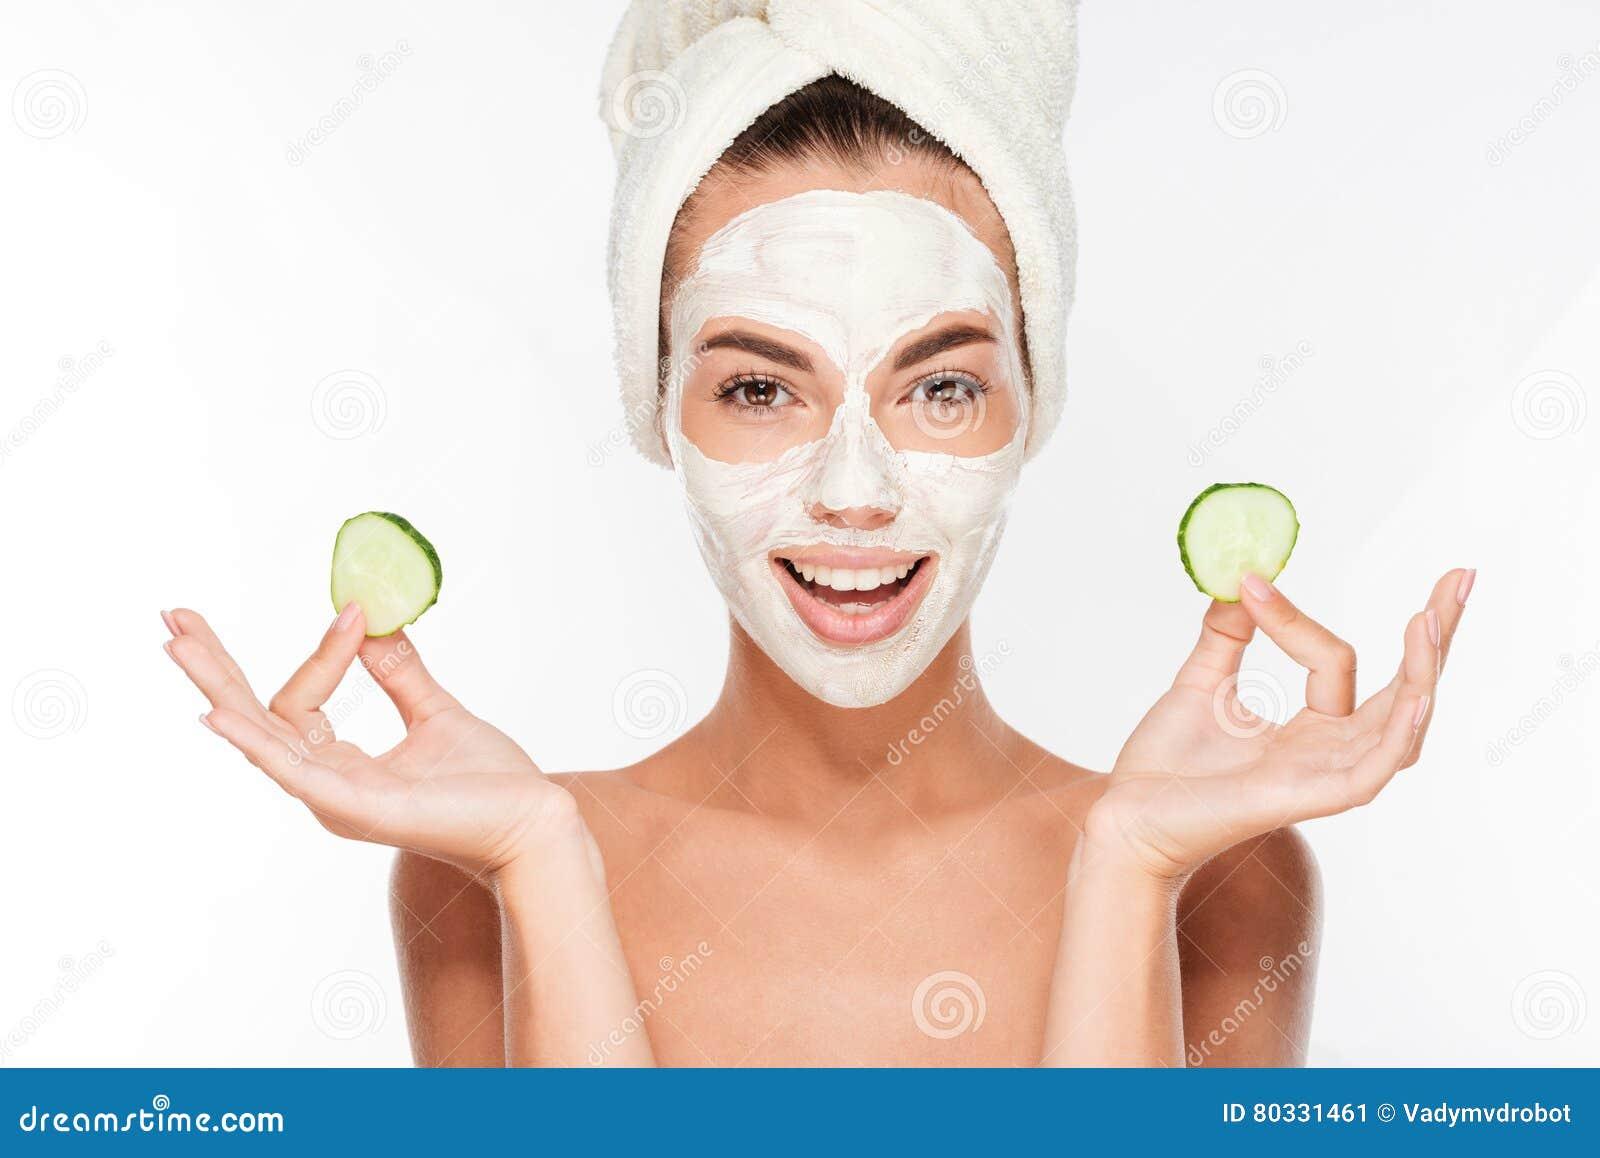 Vrouw met gezichtsmasker en komkommerplakken in haar handen